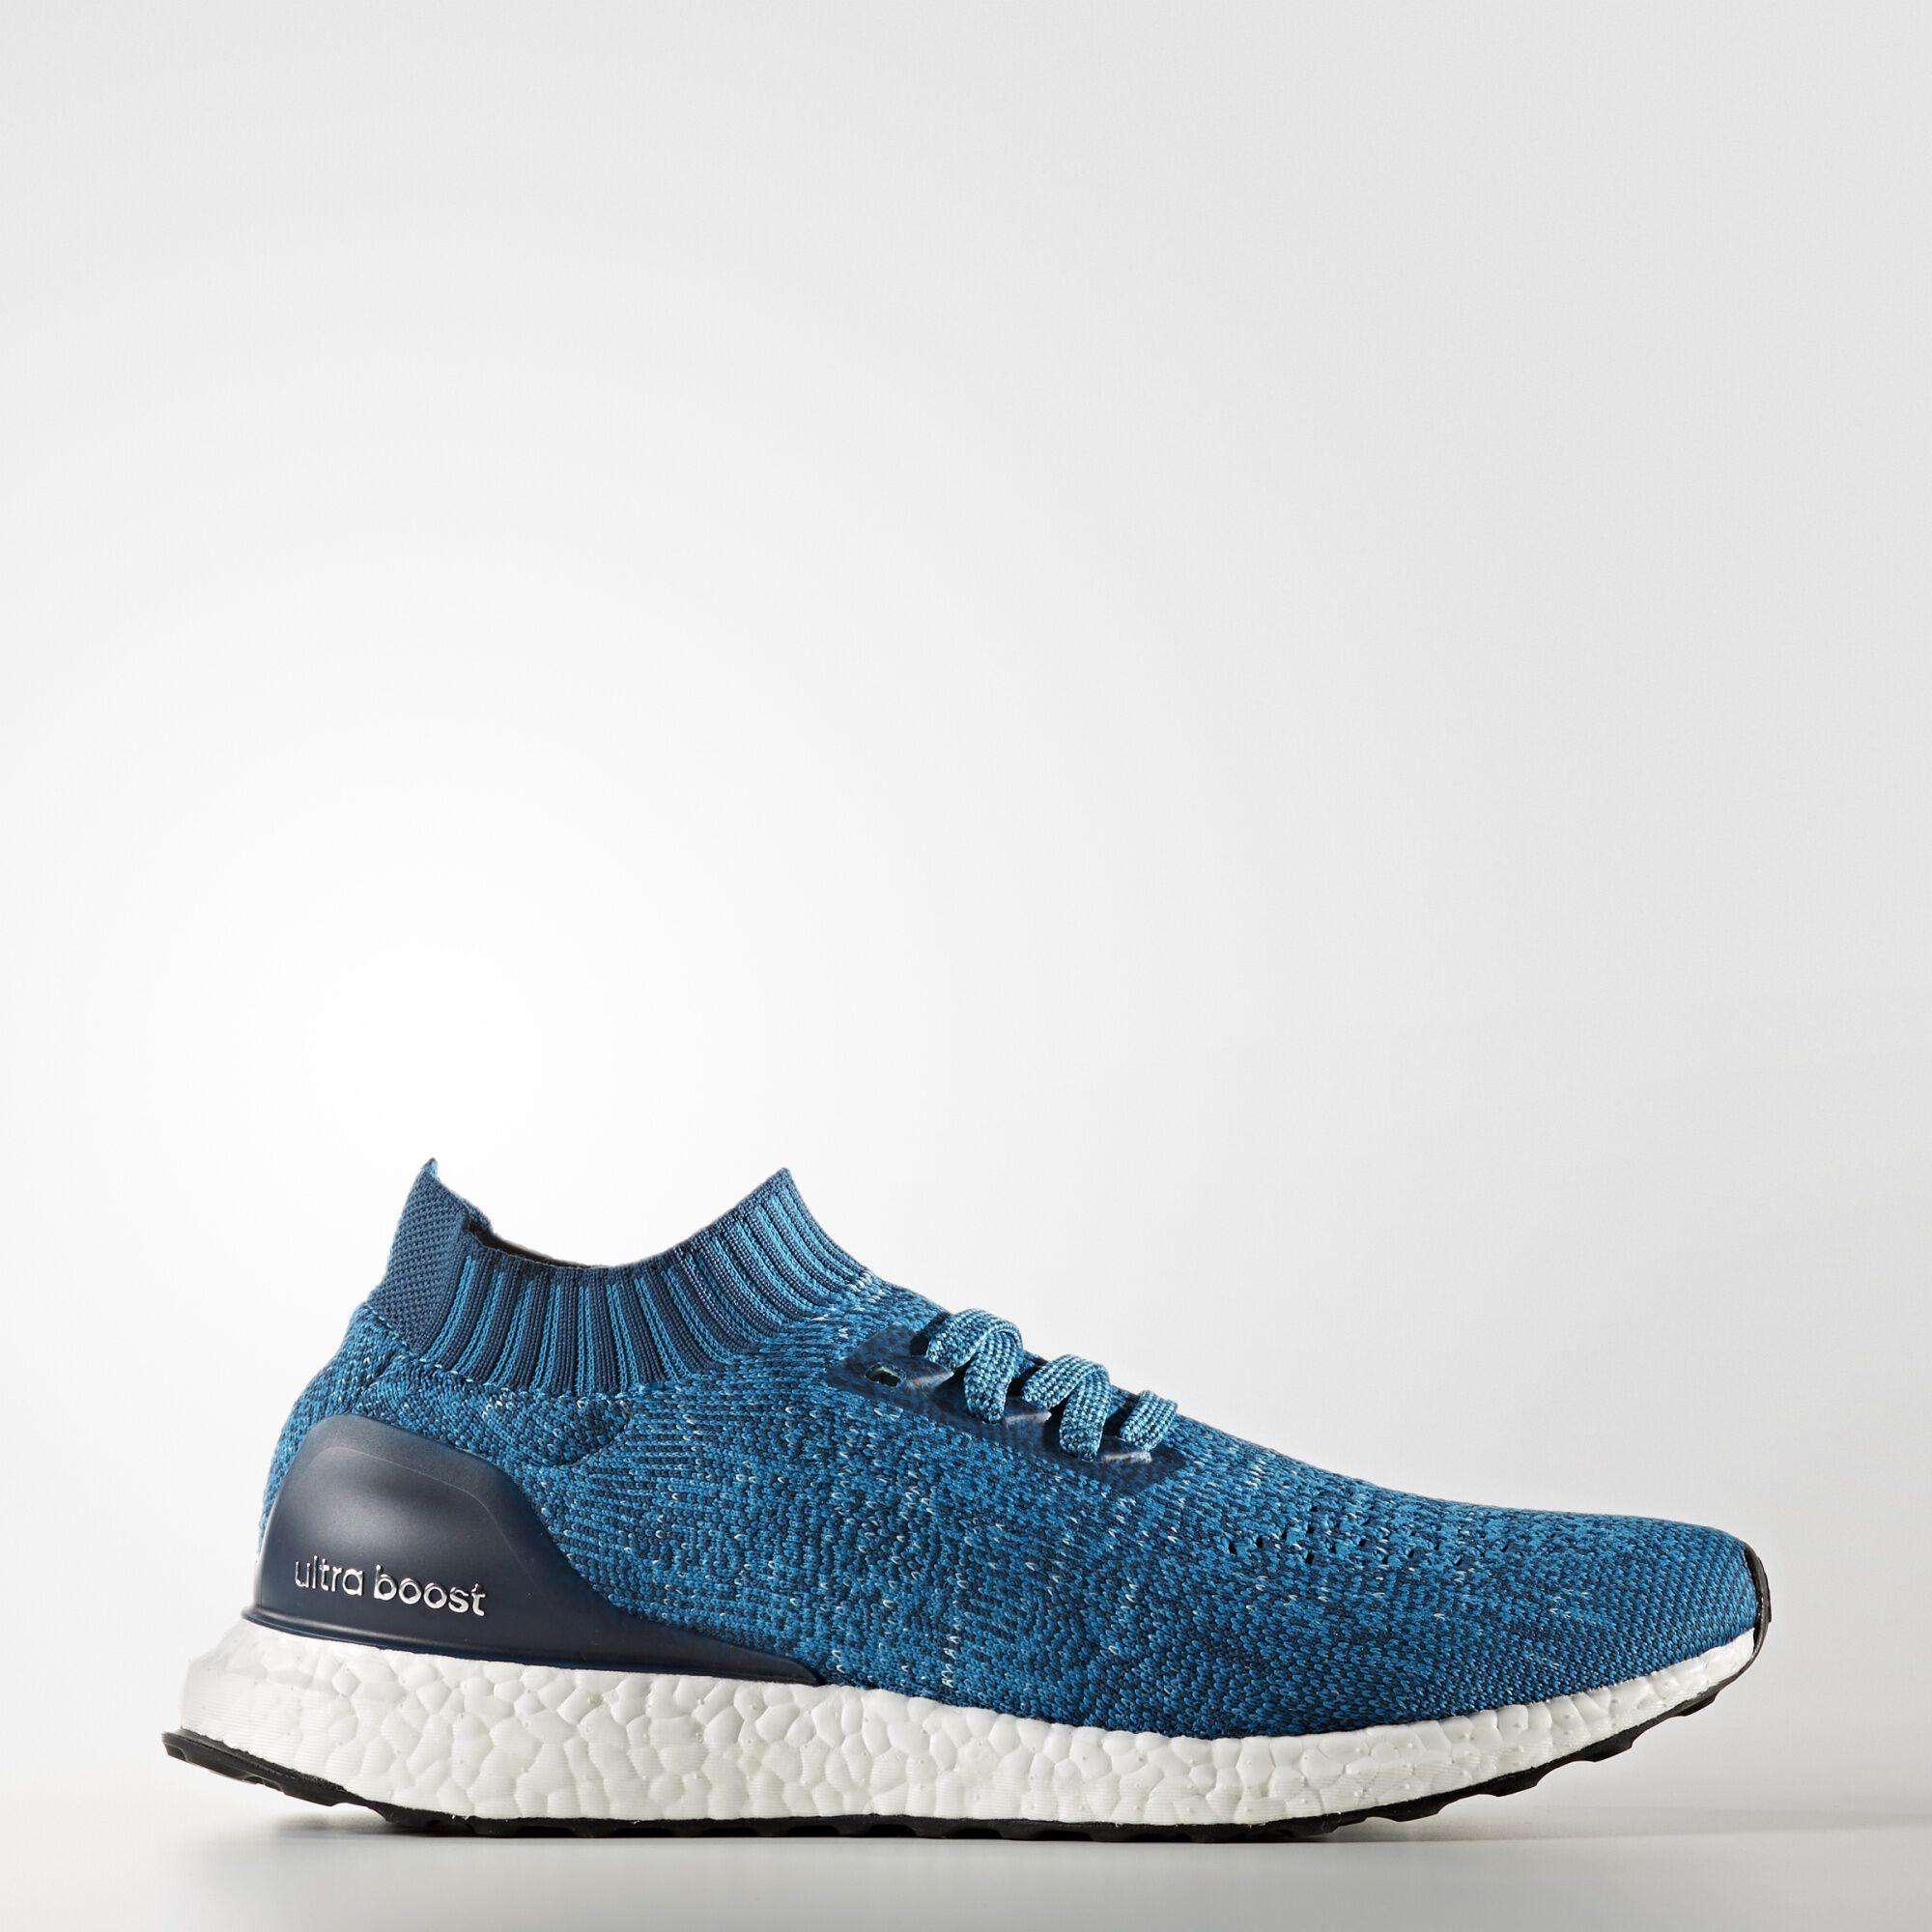 76d21def30a7 ... nike lunarepic flyknit pantip Mens Running Shoes UltraBOOST